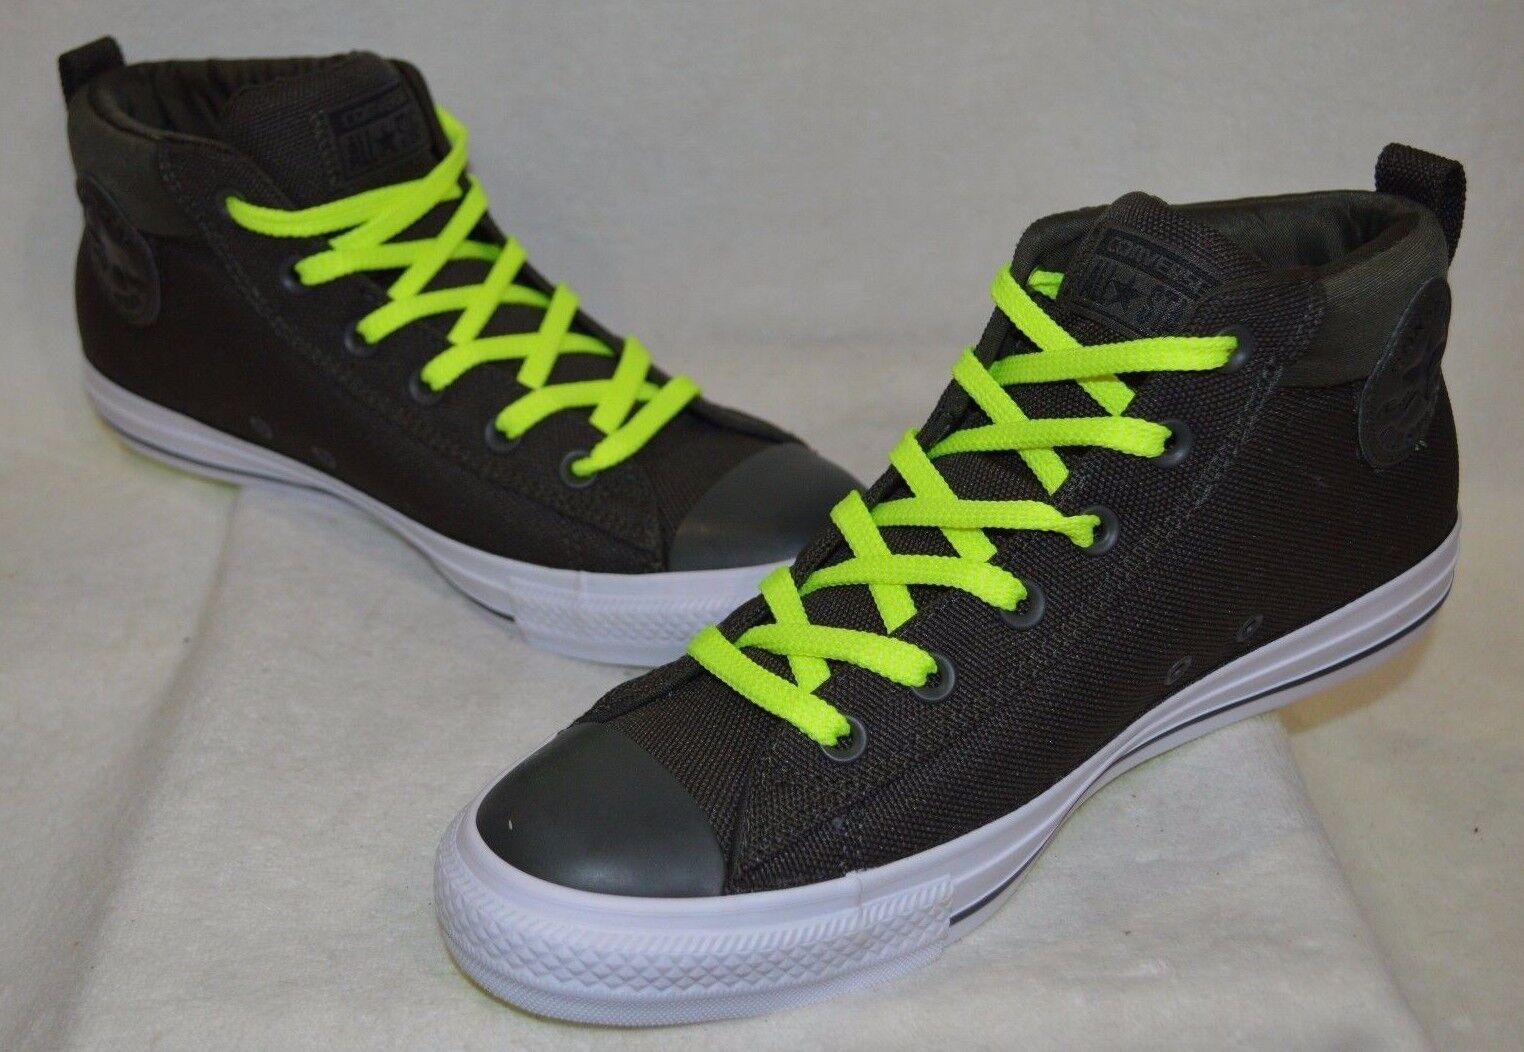 converse - street met uomini migliori in ghisa / bianco / volt sneakers - asst confezioni nwb